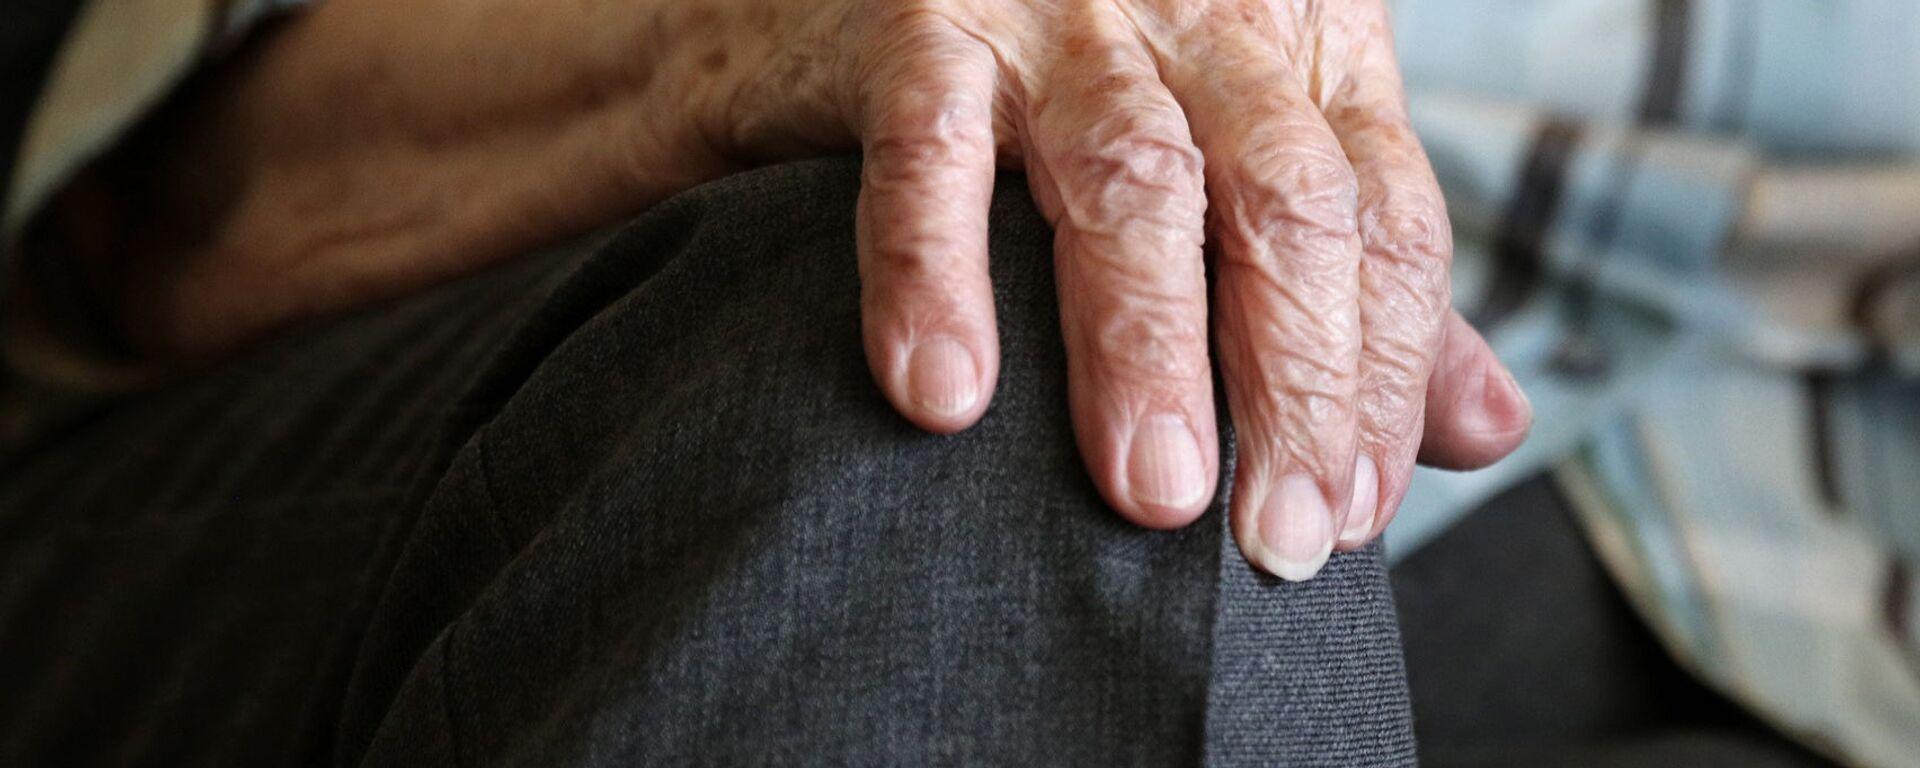 Рука пожилой женщины - Sputnik Latvija, 1920, 05.08.2021